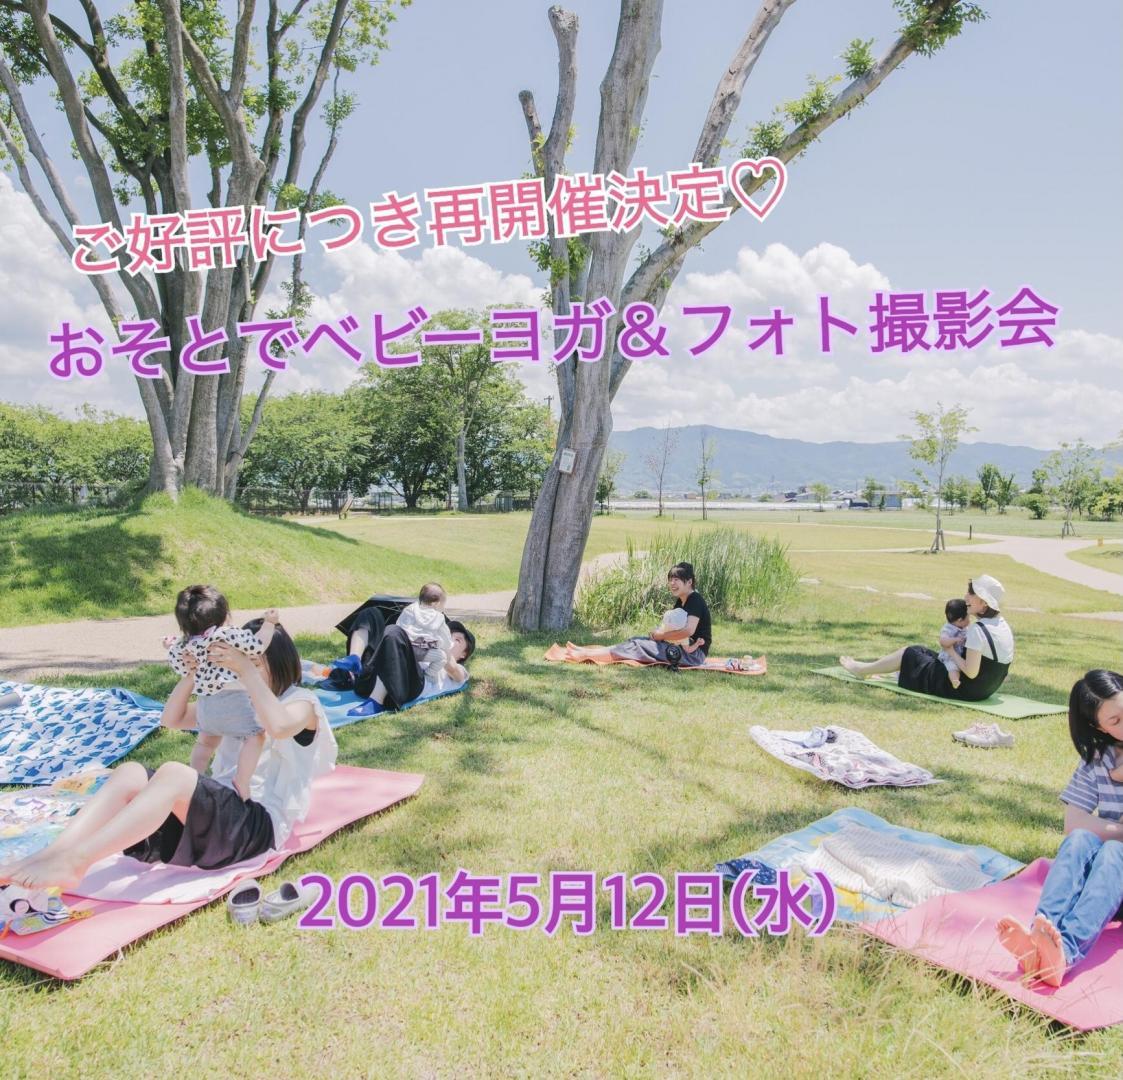 【奈良・イベント】おそとでベビーヨガ&フォト撮影…